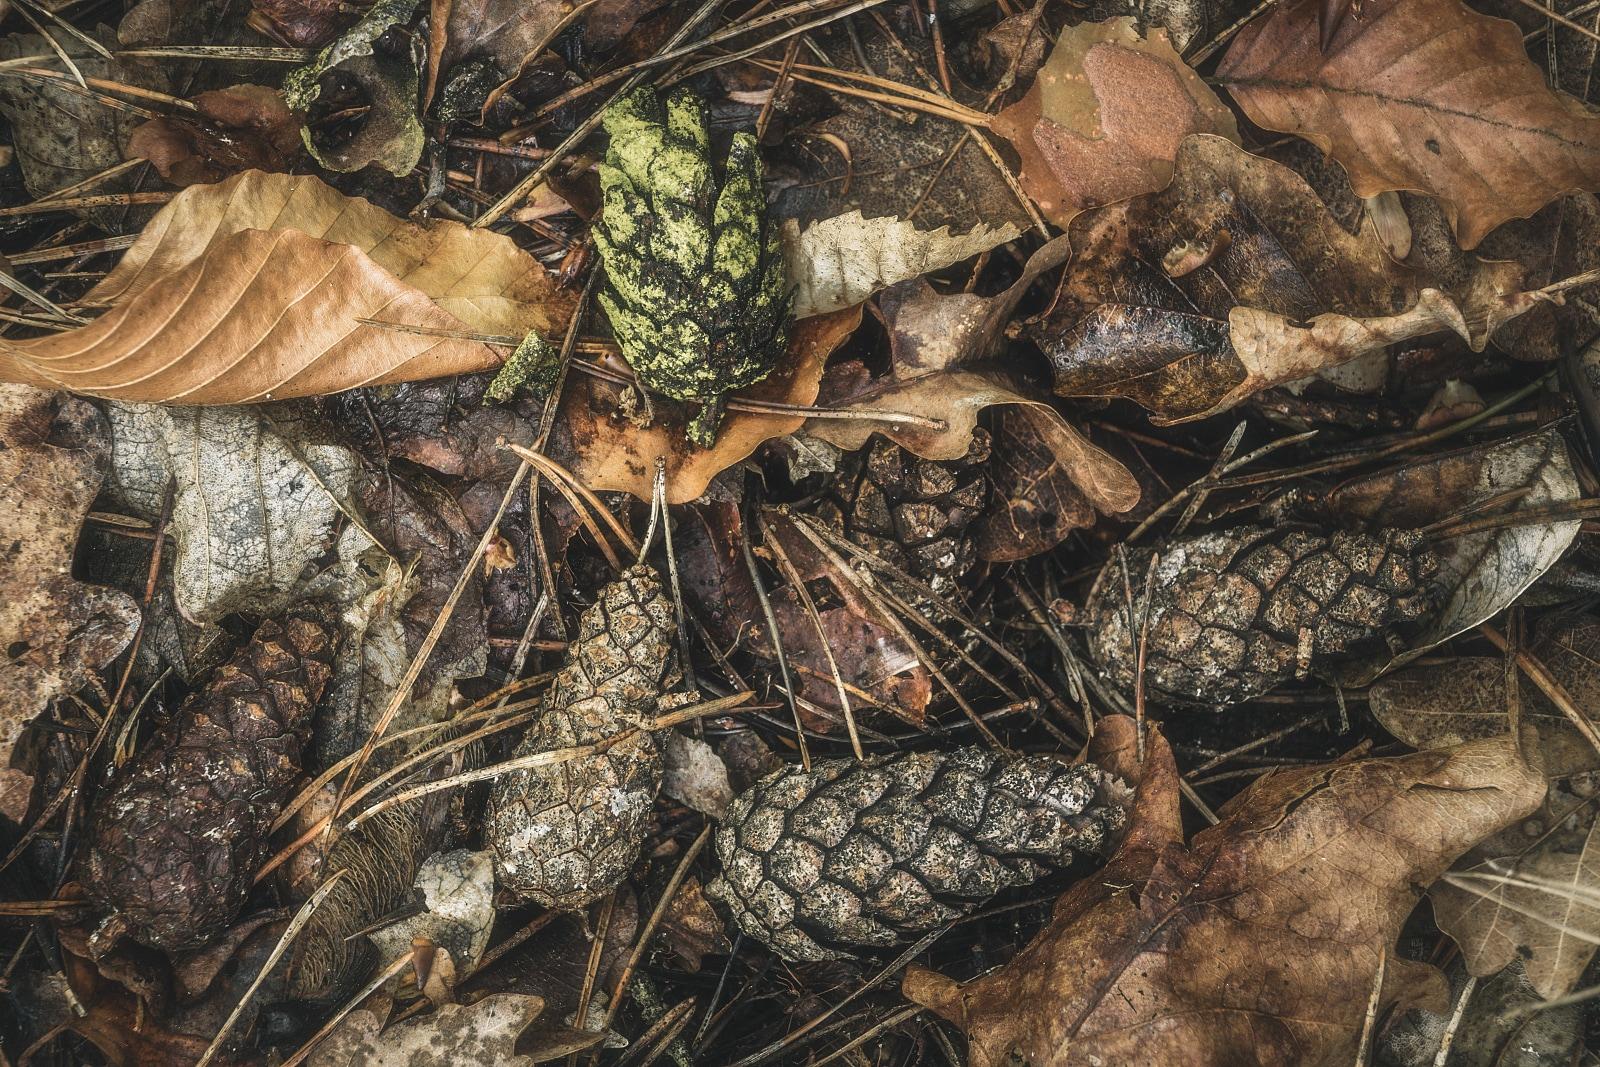 Cones on the ground